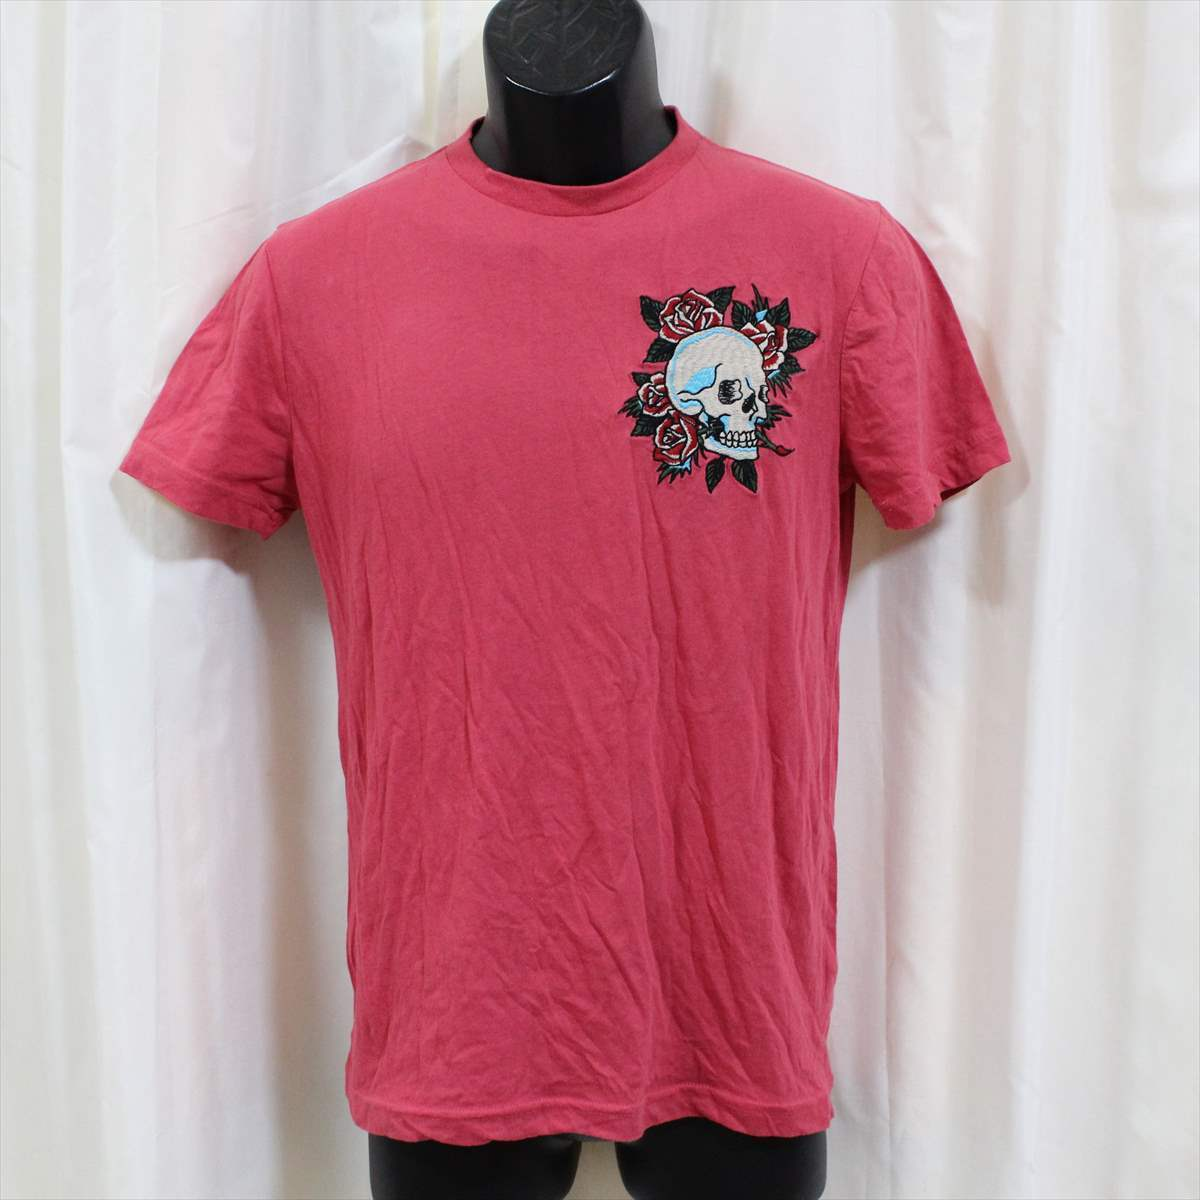 エドハーディー ED HARDY メンズ半袖Tシャツ ピンクレッド Sサイズ 新品 ロゴ刺繍_画像1